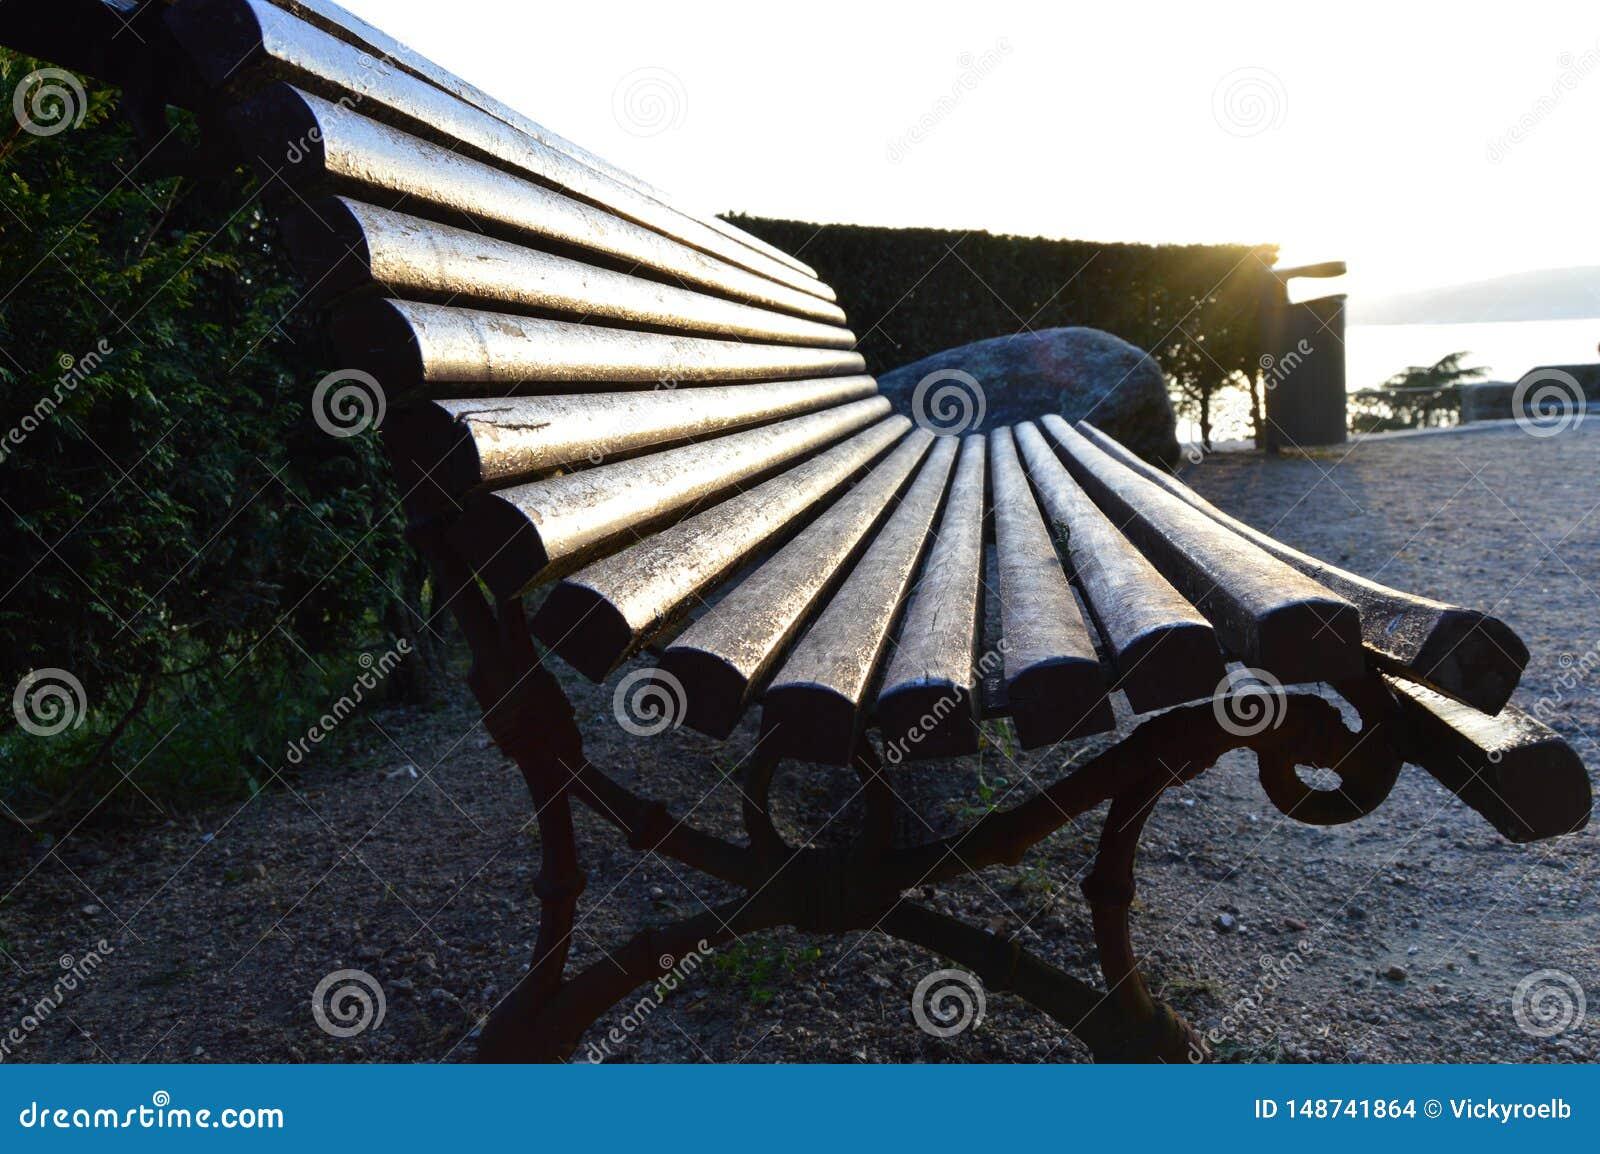 Iluminated single bench background vintage